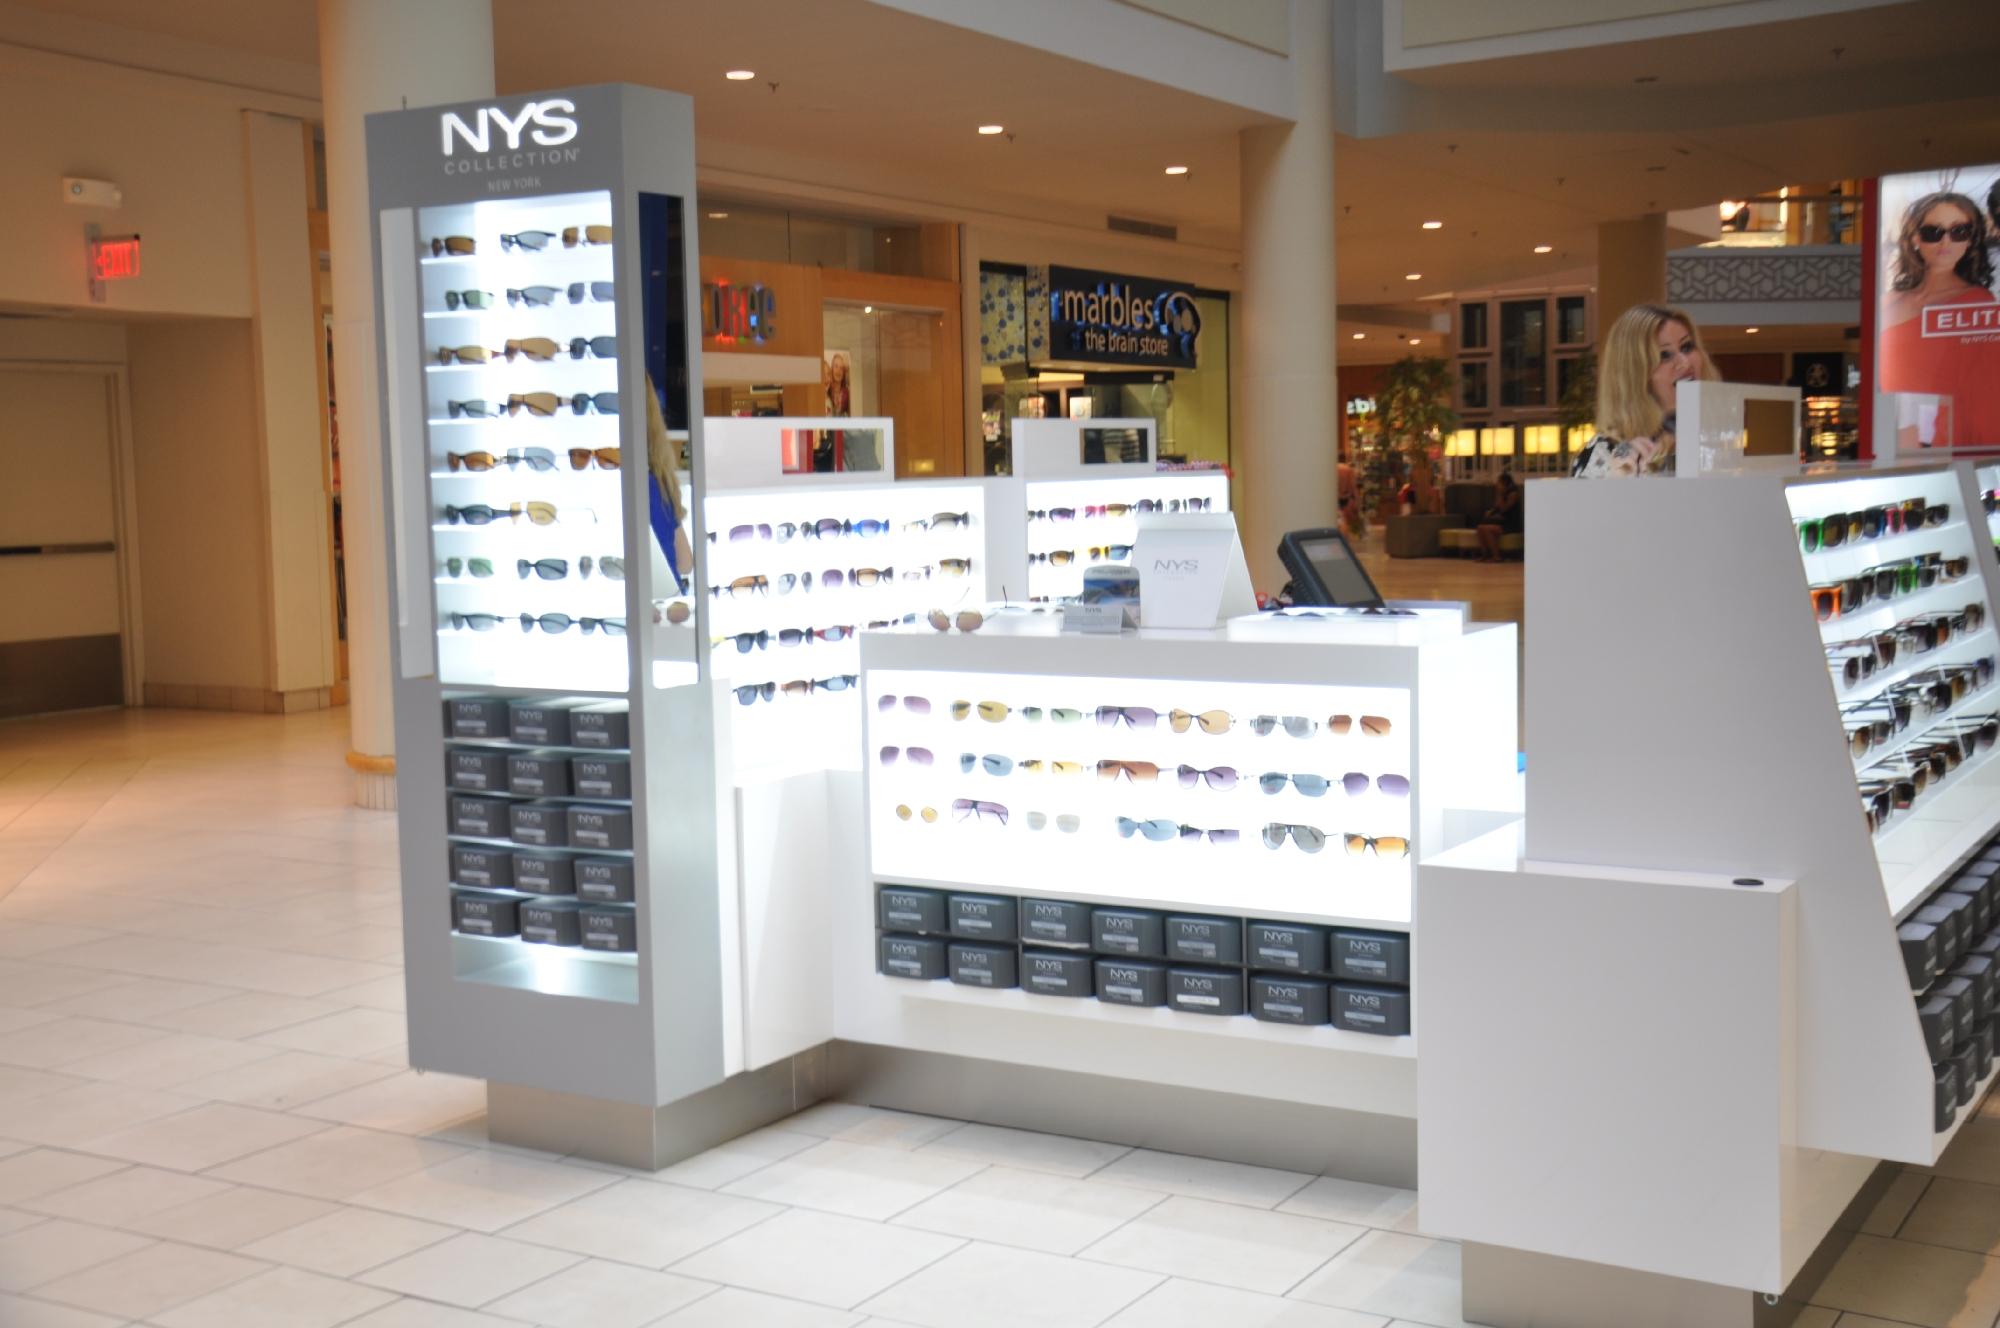 NYS KIOSK Freehold Mall 2012 073__55.jpg